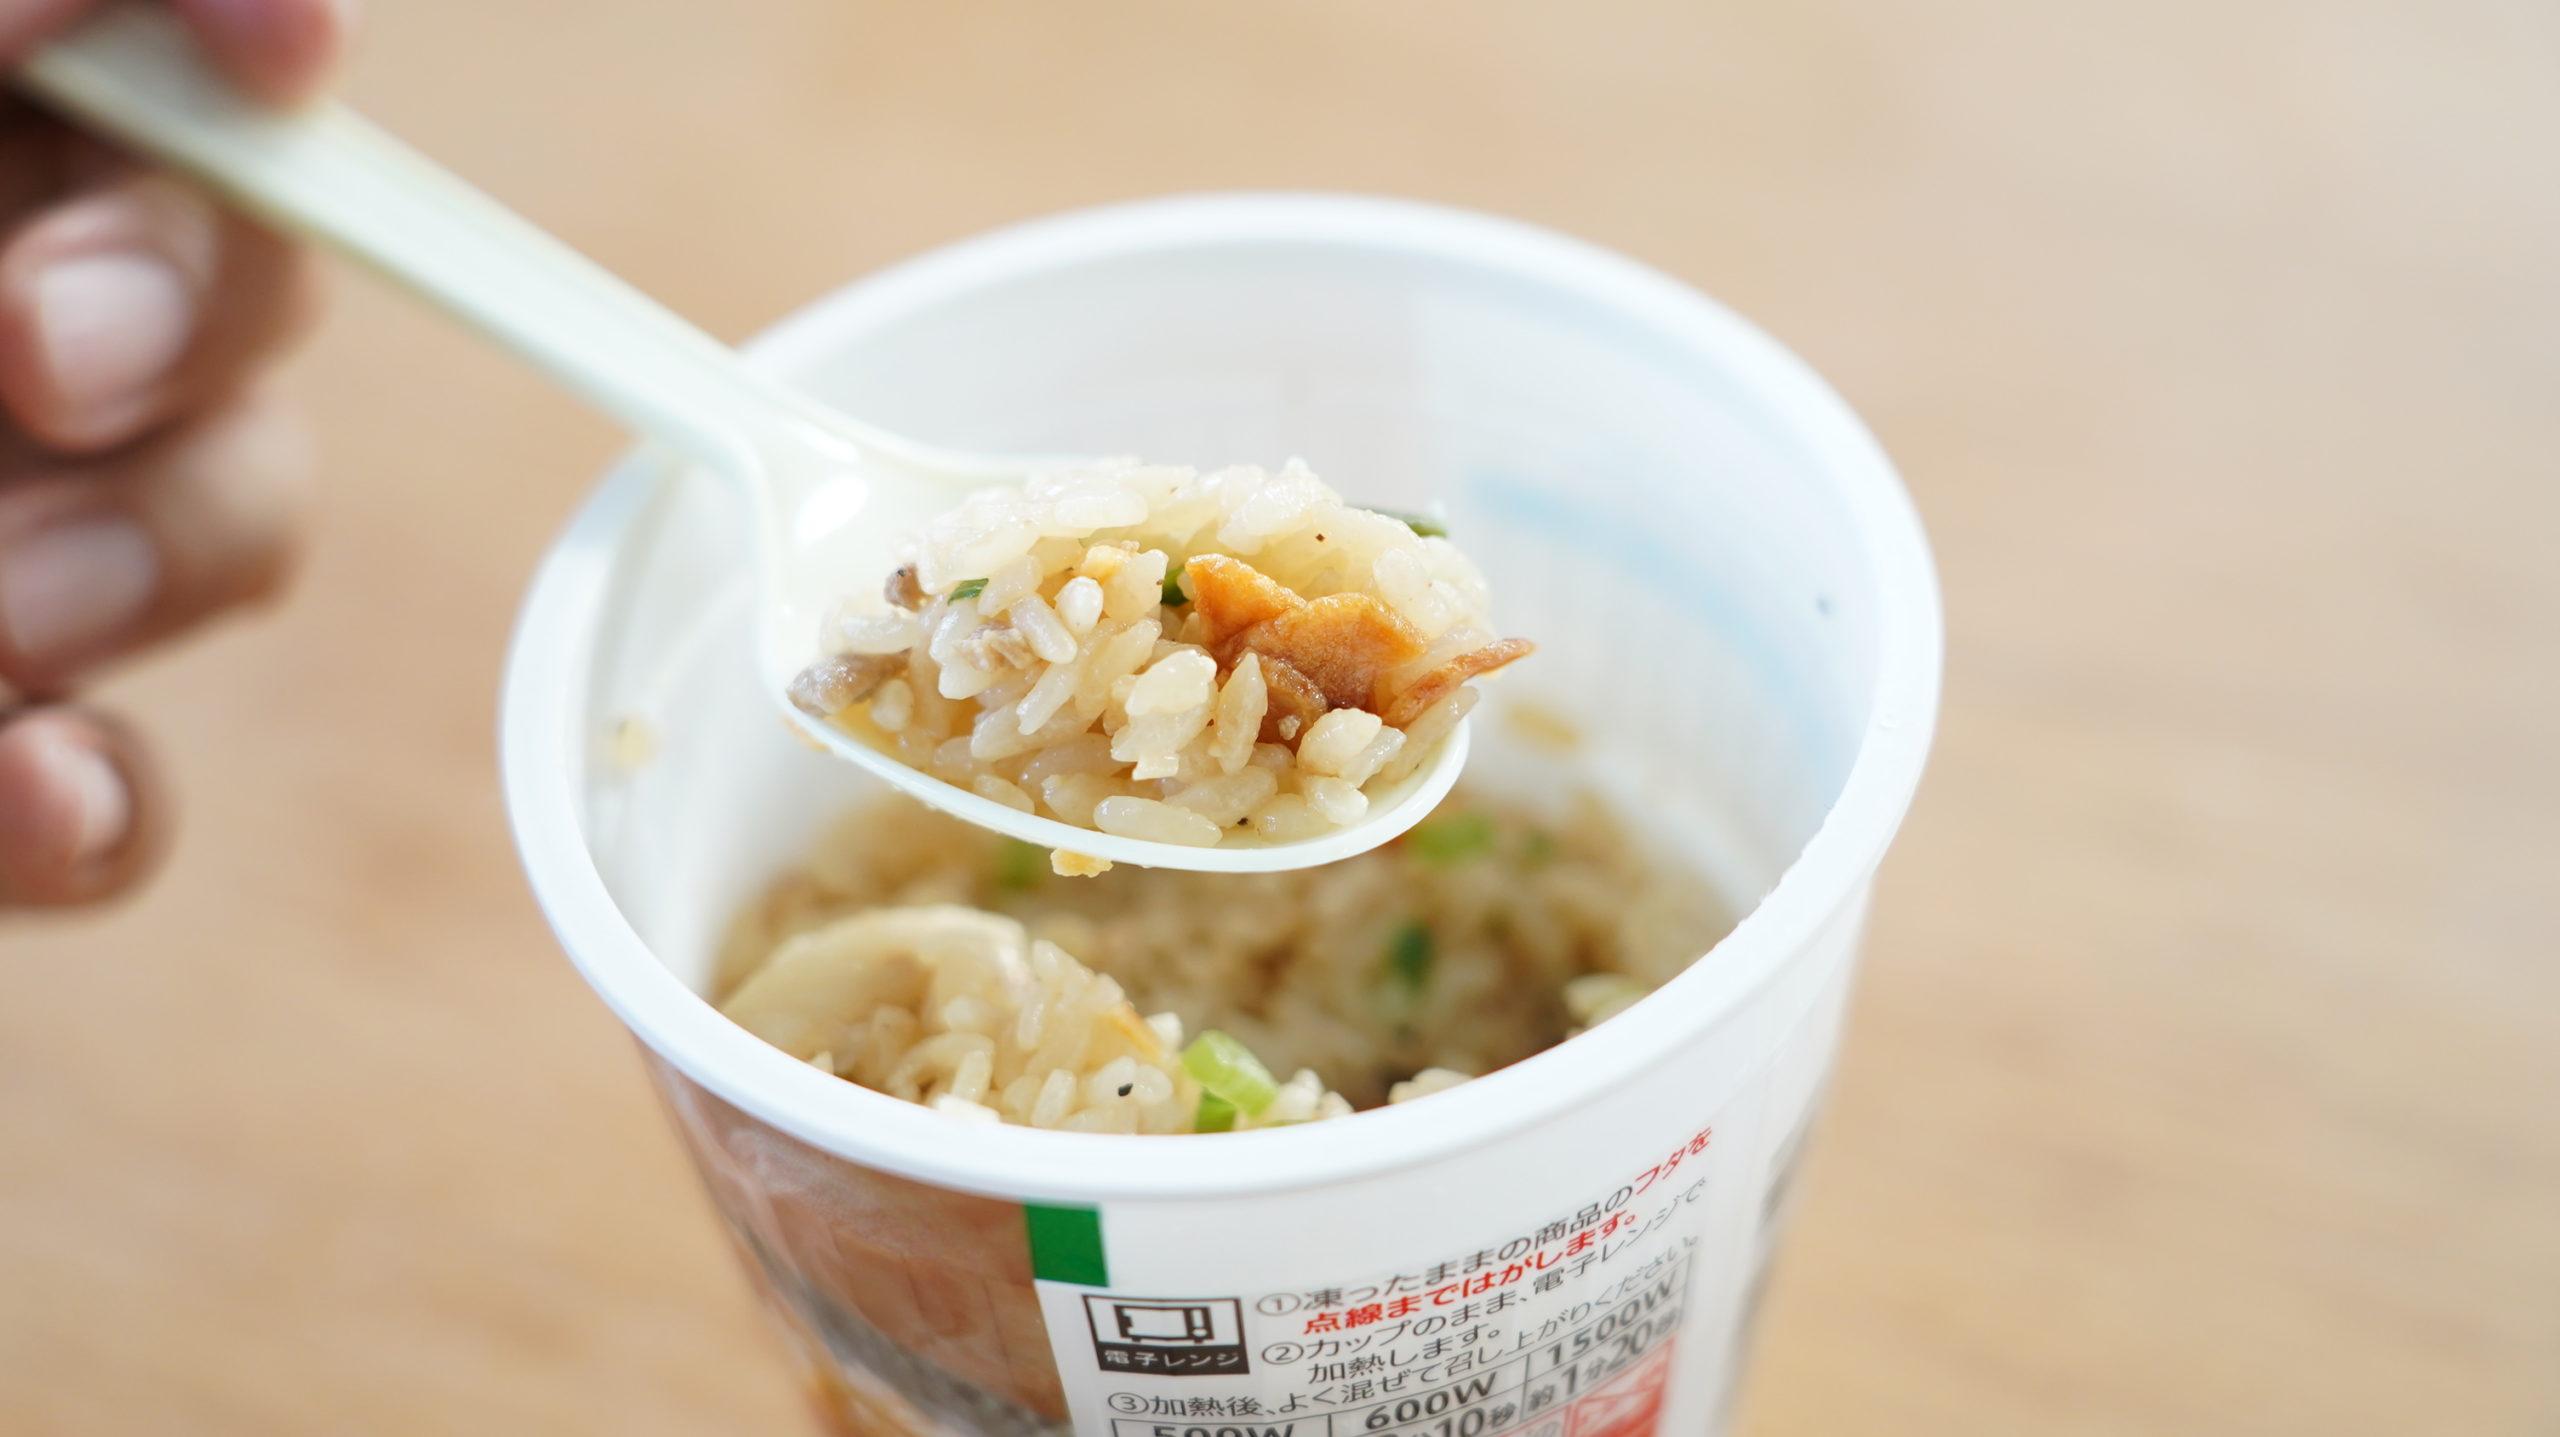 セブンイレブンの冷凍食品「禁断にんにくスタミナ飯」に、にんにくがたくさん入っている写真